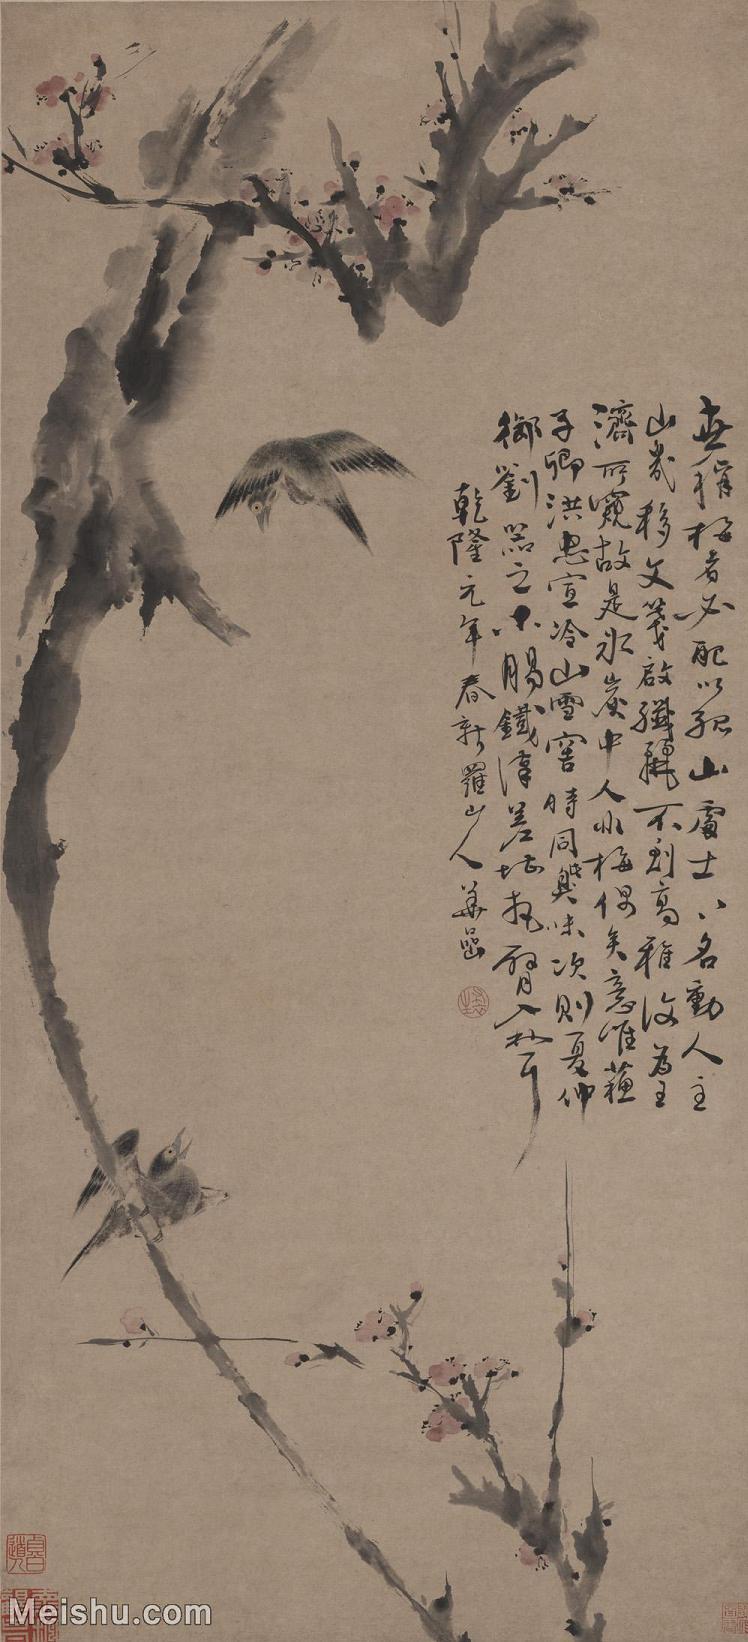 【超顶级】GH6085192古画花鸟鲜花卉寒梅翠鸟图-清-纸本-30x66-80x175.5-植物-飞禽立轴图片-374